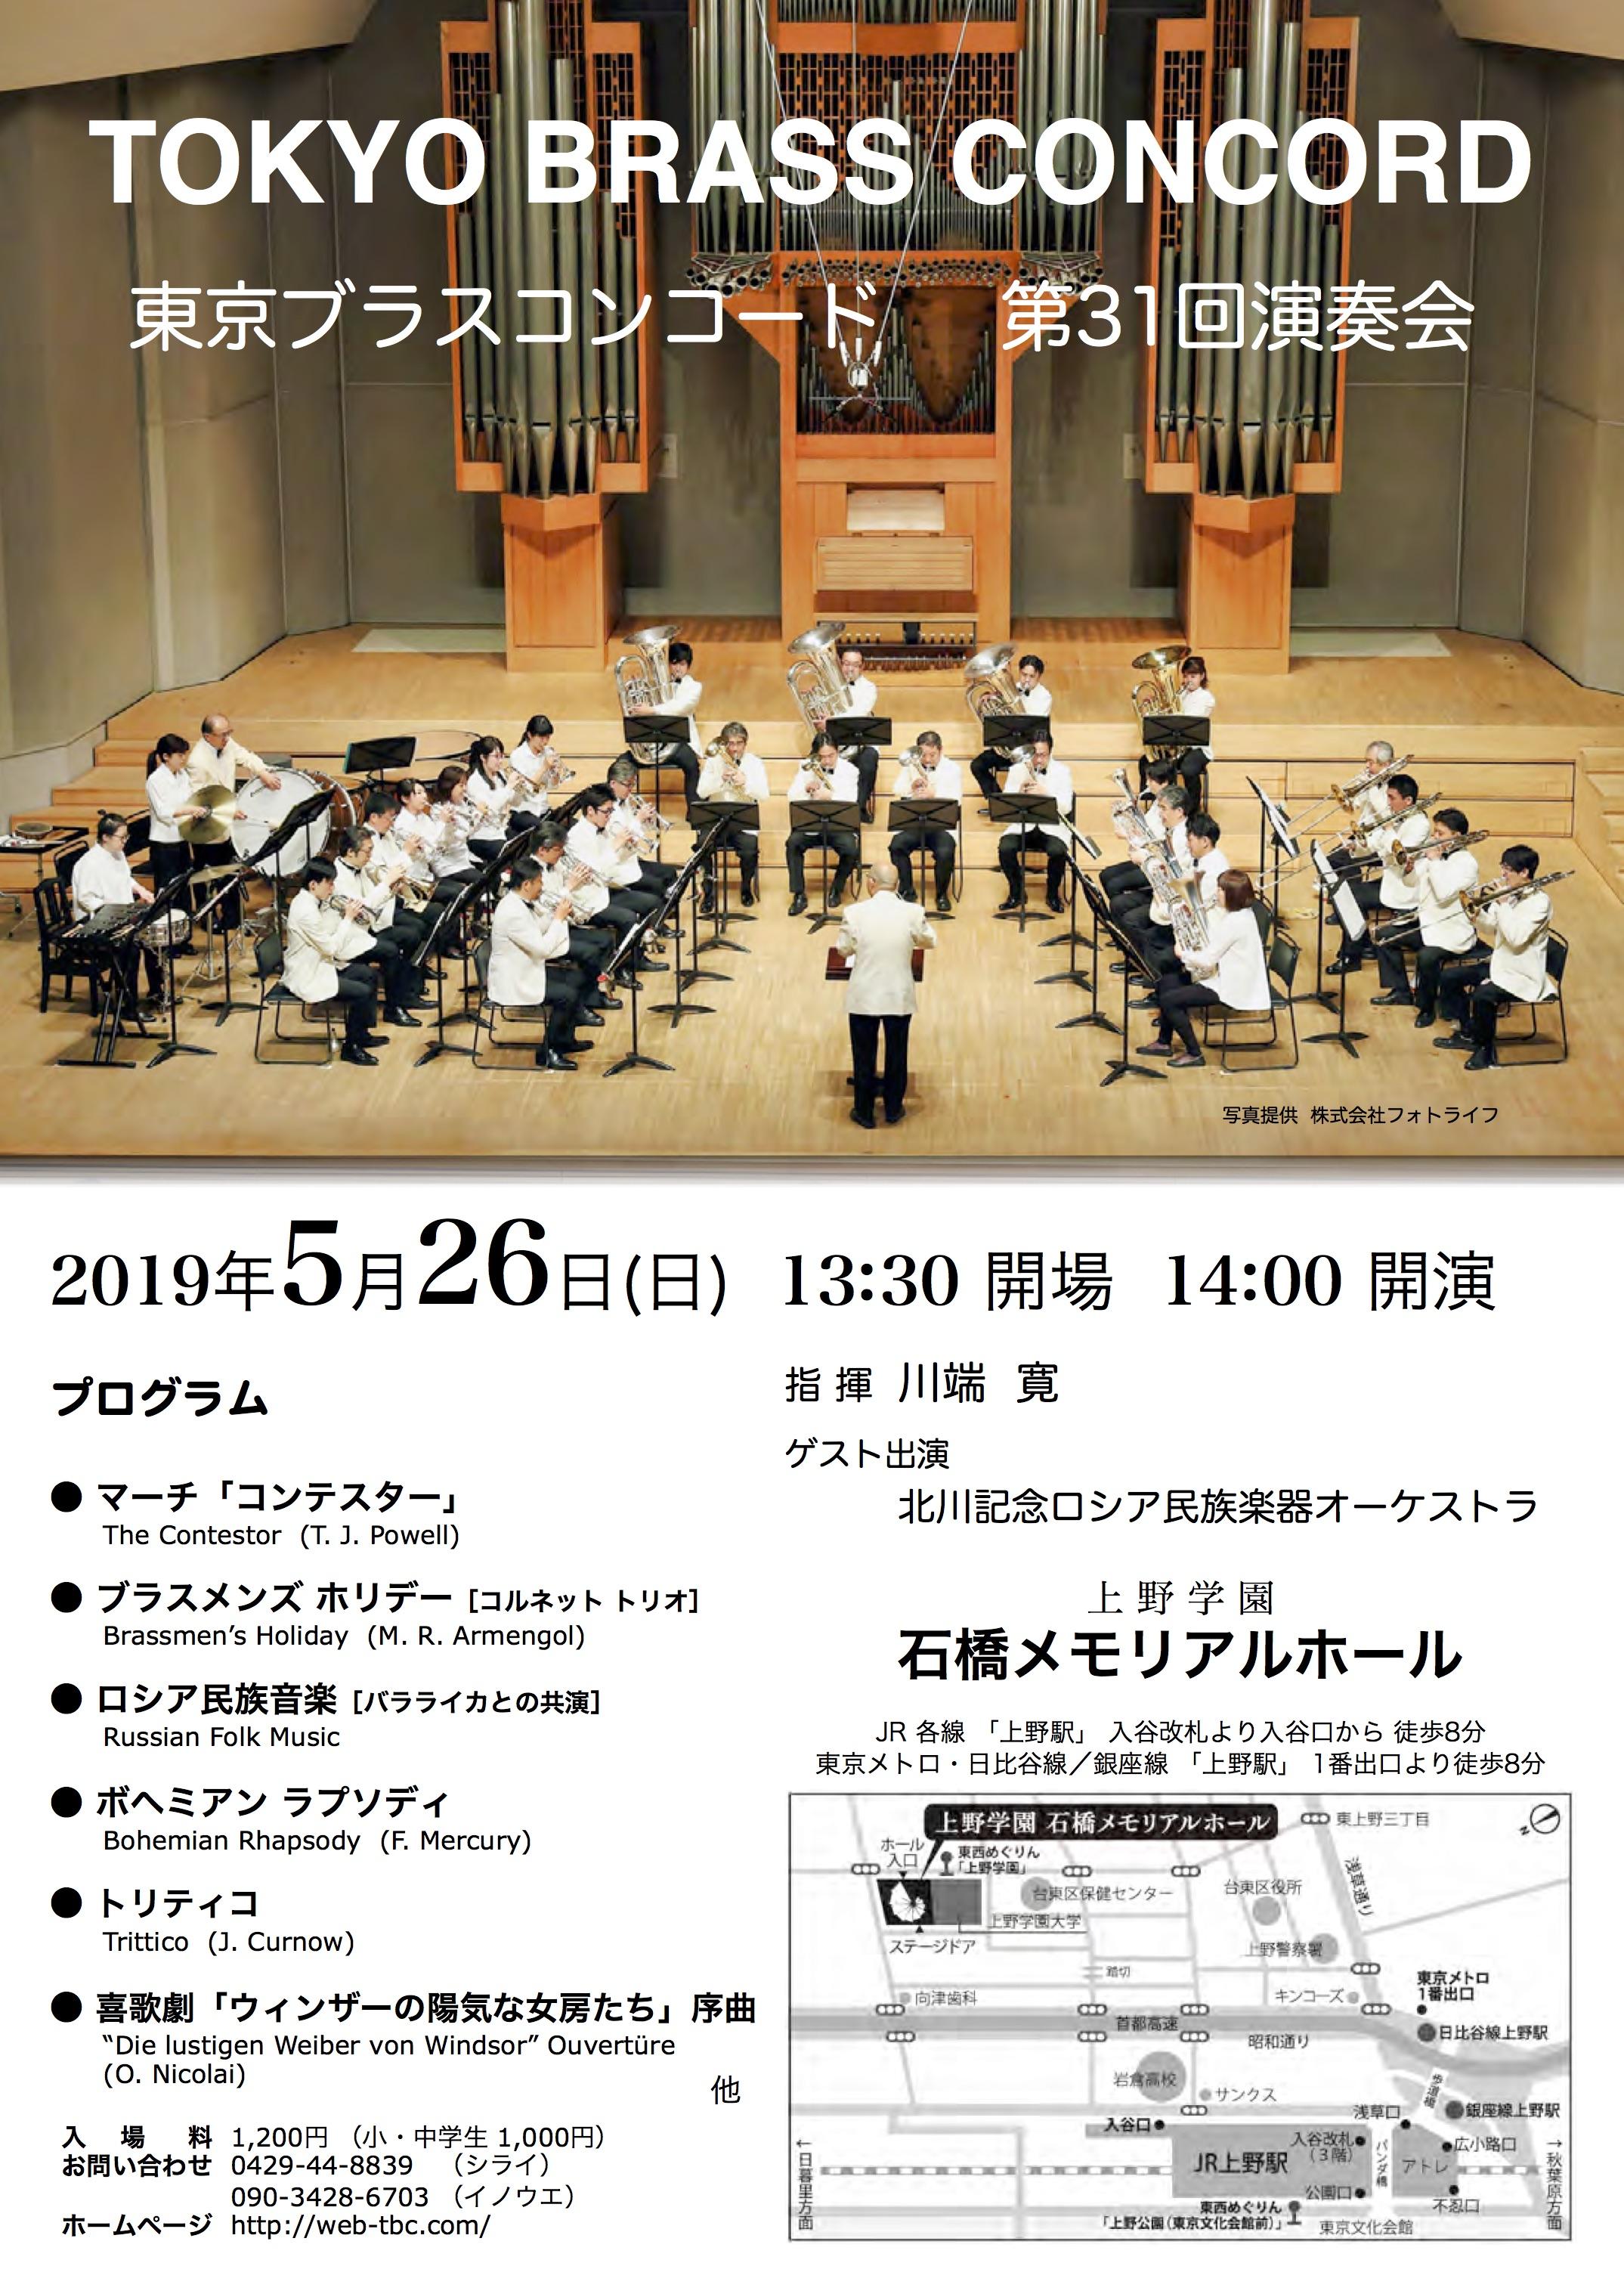 東京ブラスコンコード第31回演奏会 @ 上野学園 石橋メモリアルホール